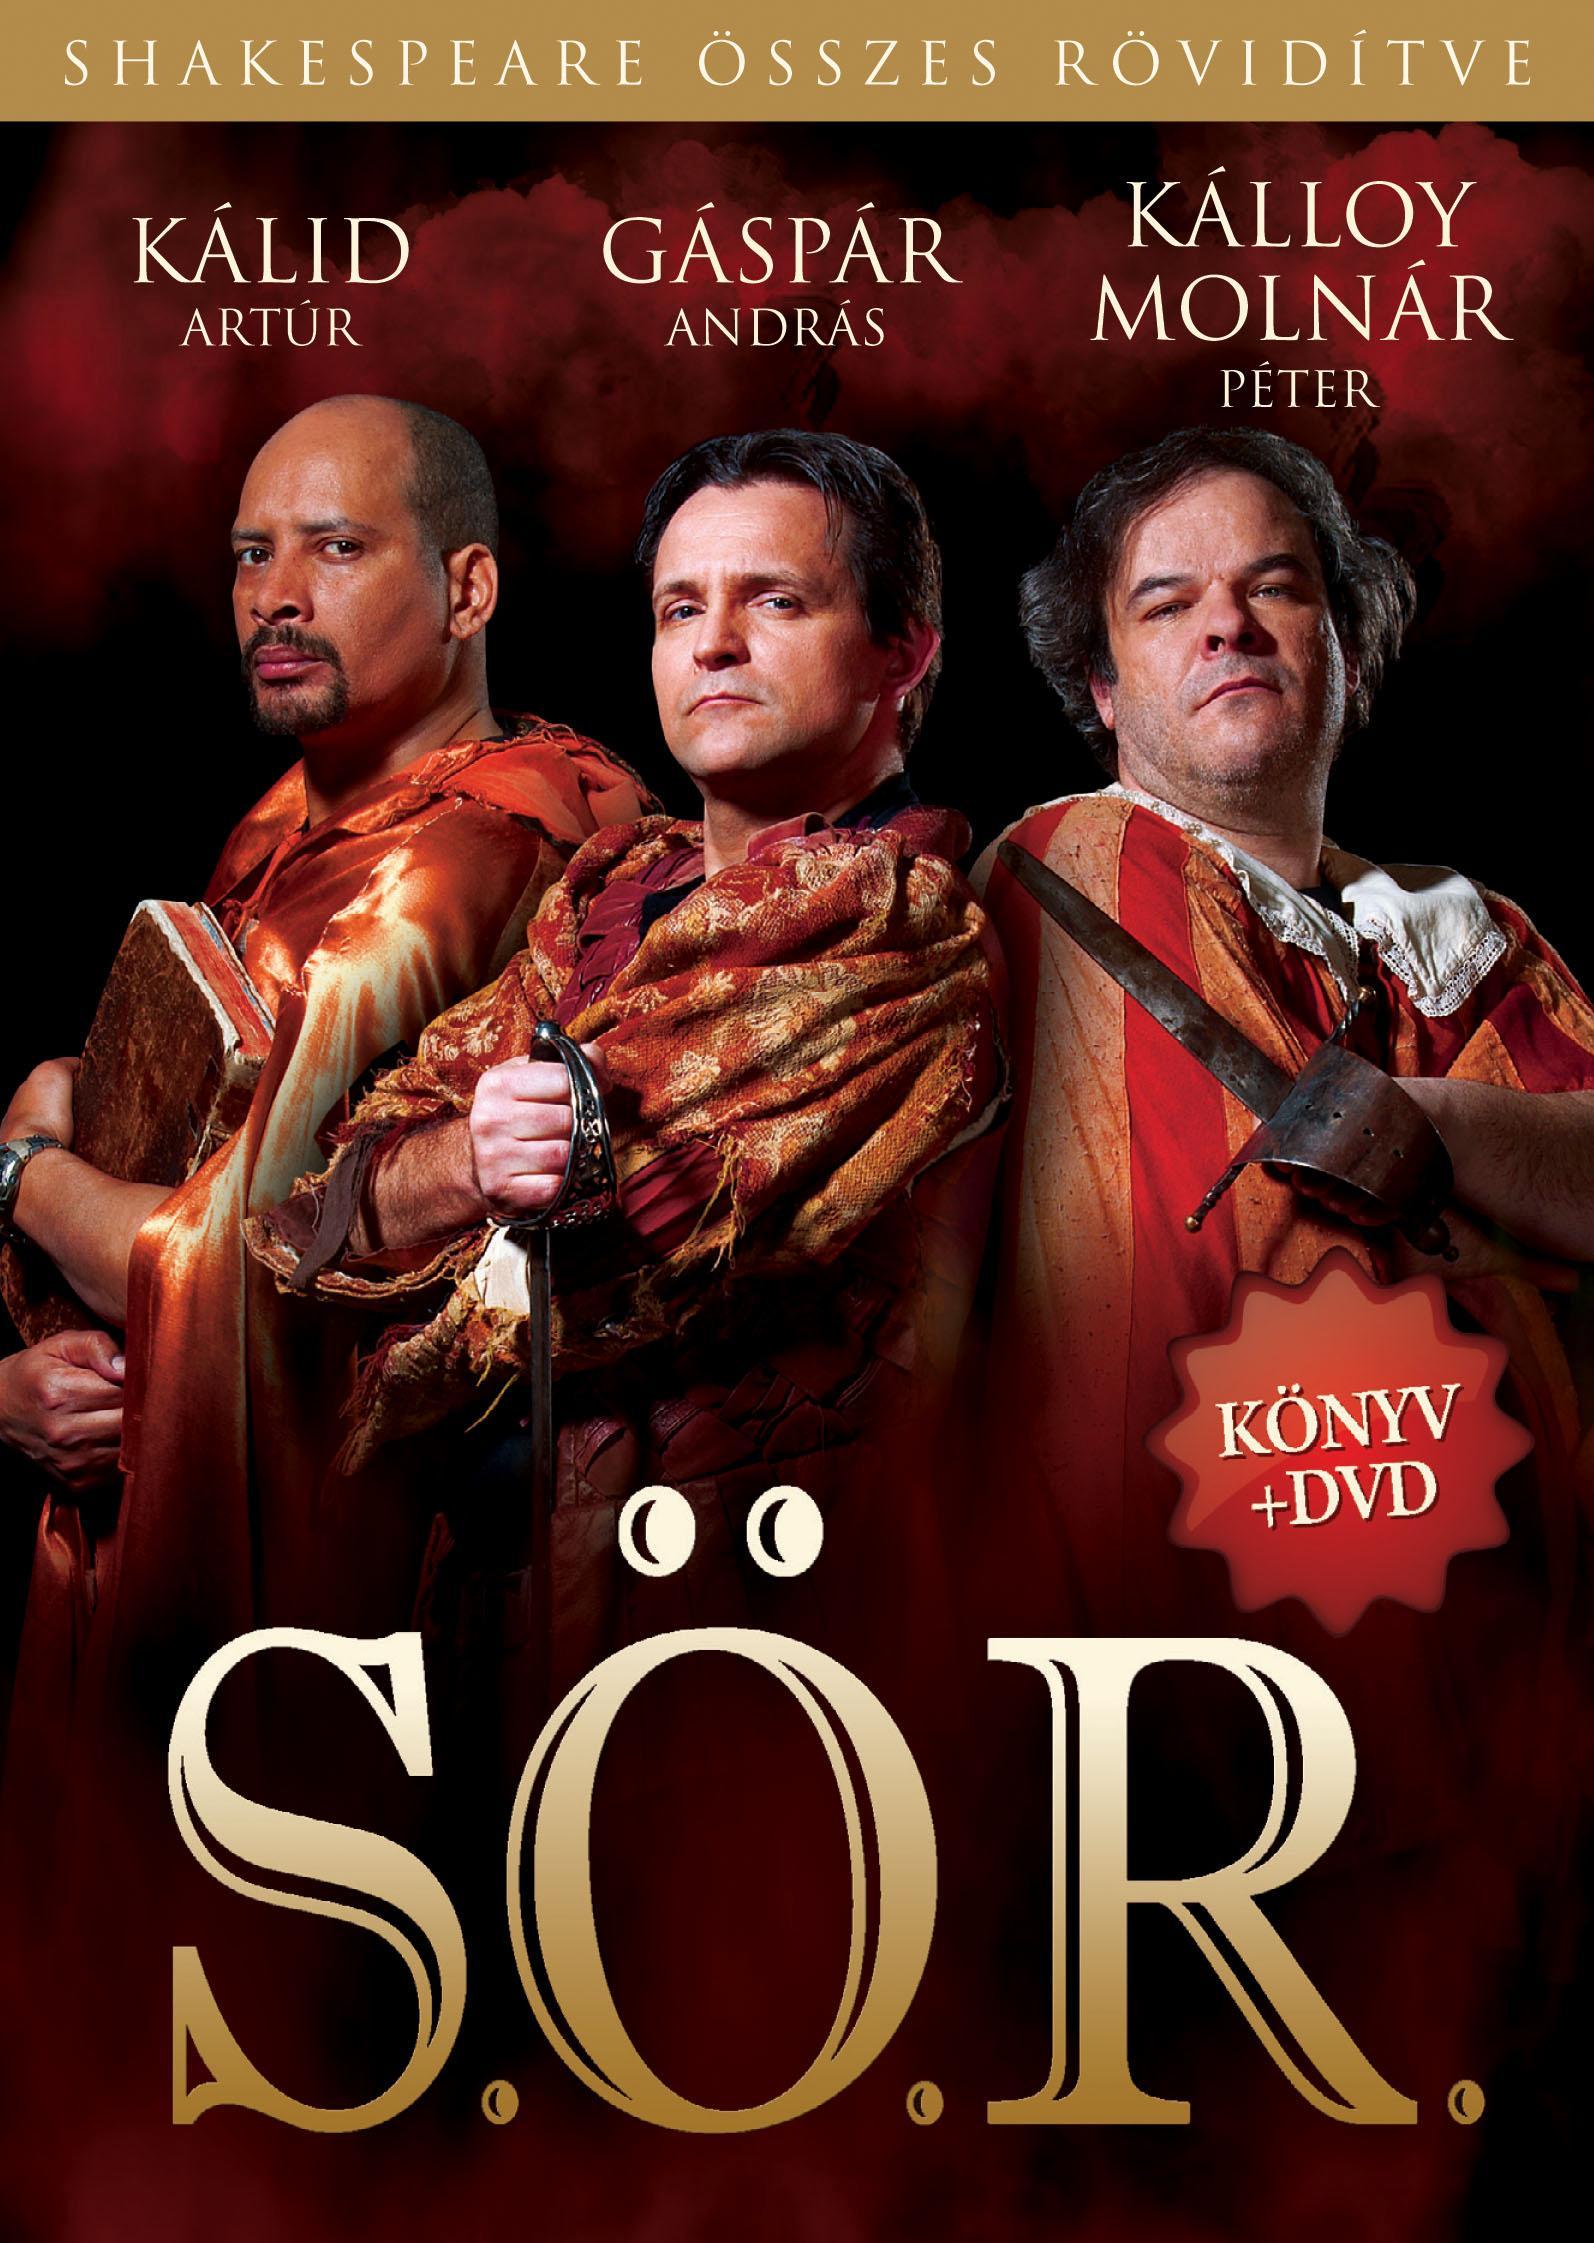 S.Ö.R. - SHAKESPEARE ÖSSZES RÖVIDÍTVE (KÖNYV+DVD)